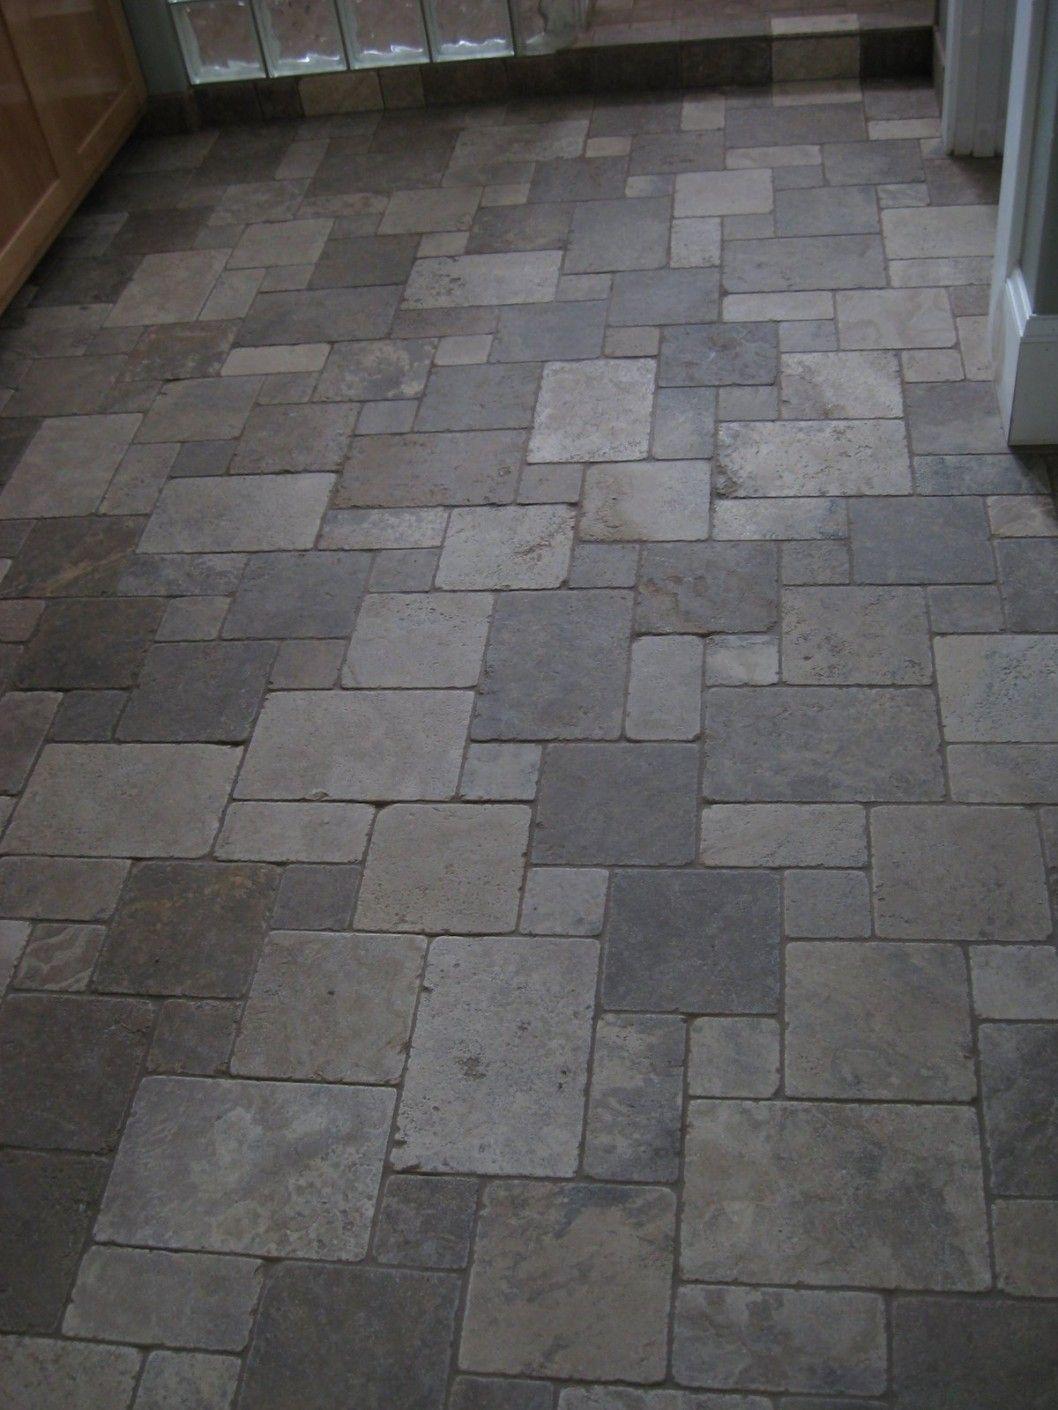 Decoration Stone Floor Tile Patterns Discount Tile Natural Stone Beauteous Kitchen Floor Tile Design Patterns Inspiration